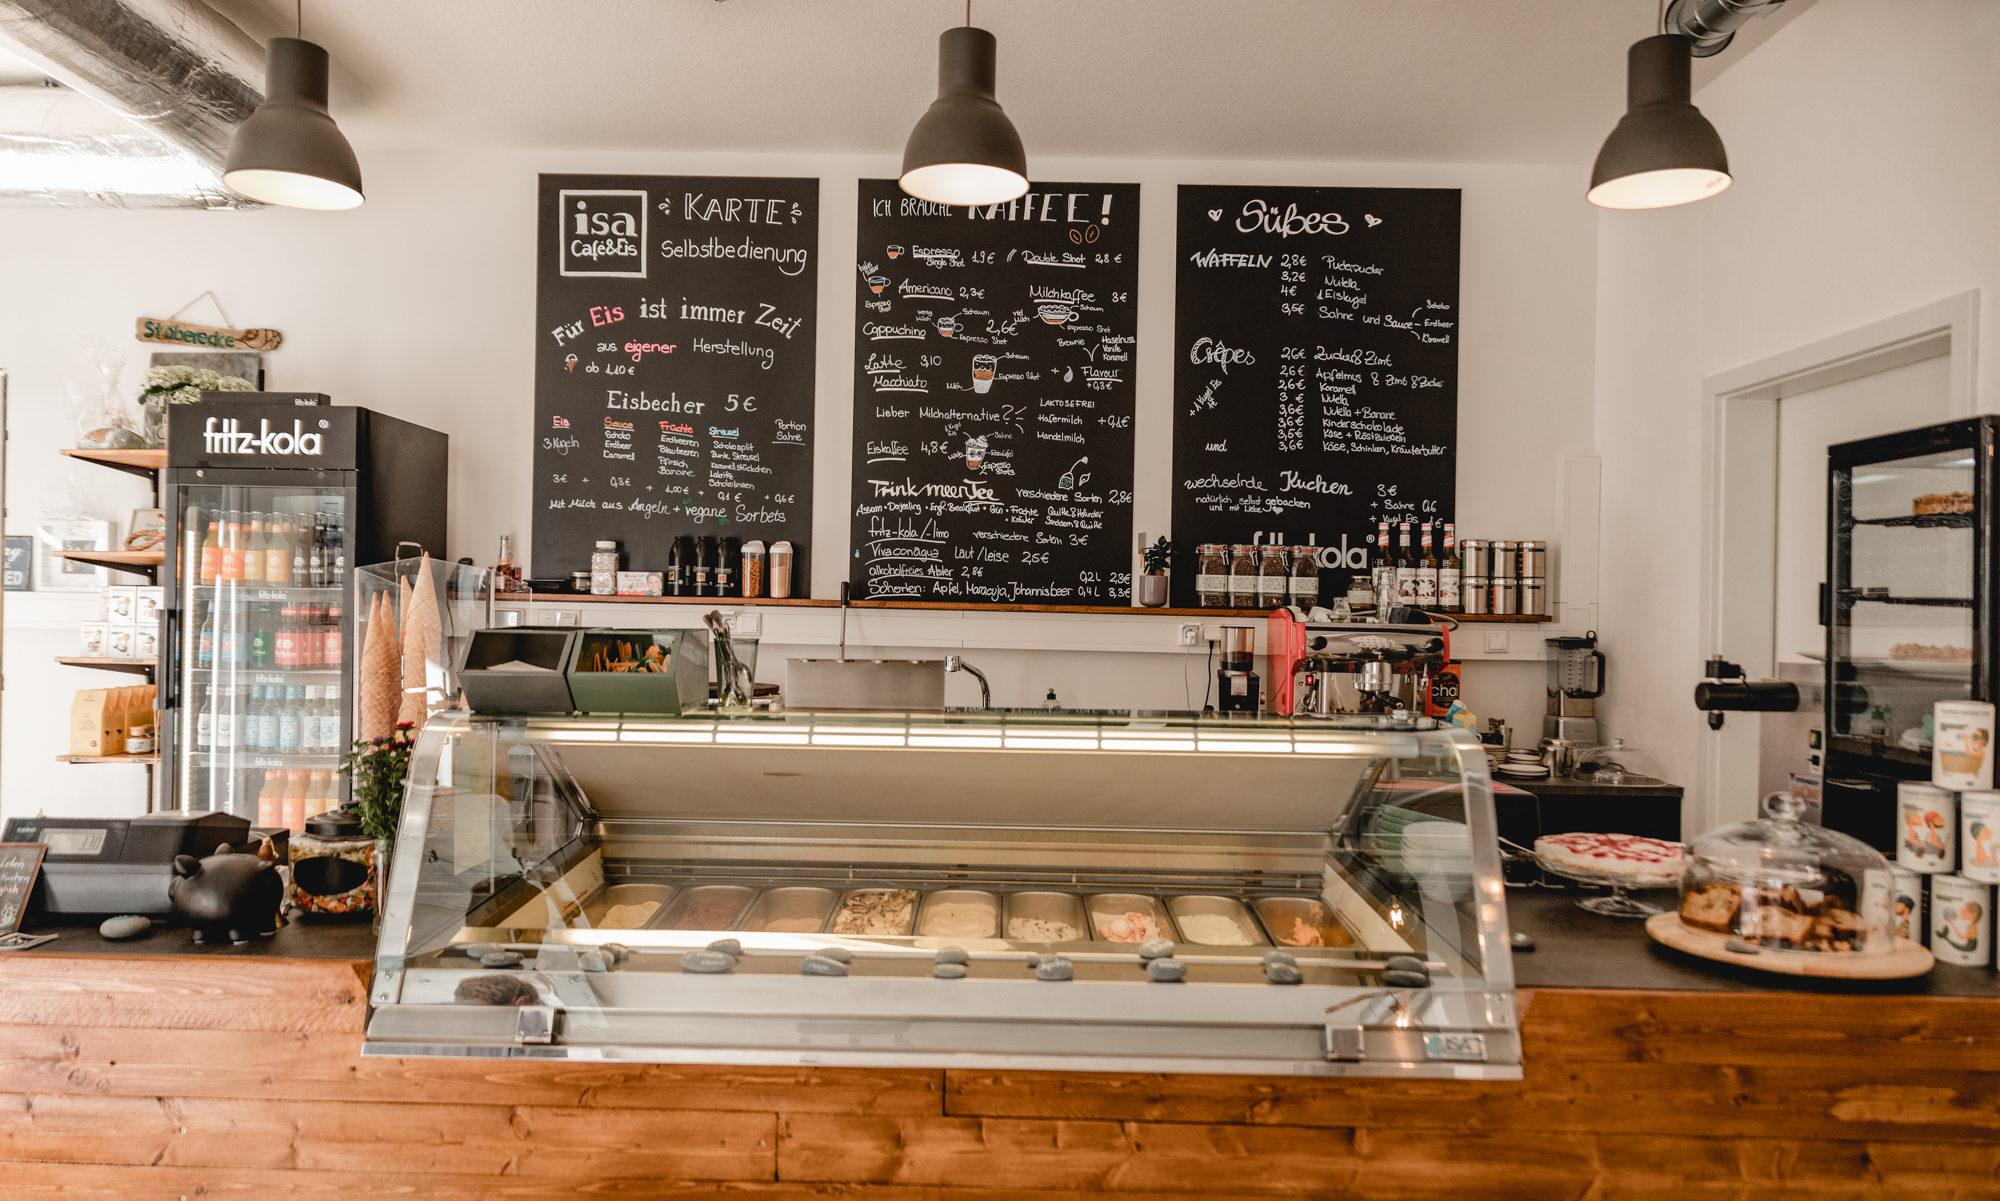 Isa - Cafe & Eis